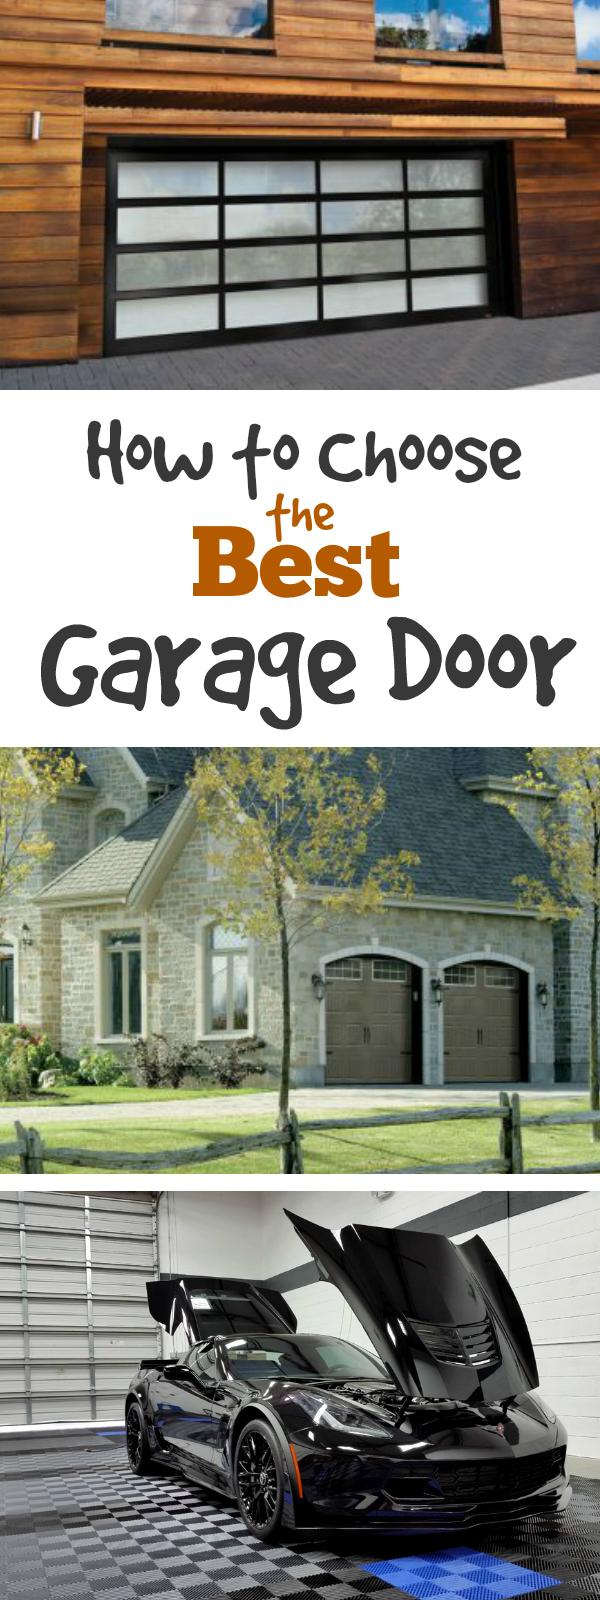 How to Choose Your Garage Door: Learn how to choose the best garage door for your space